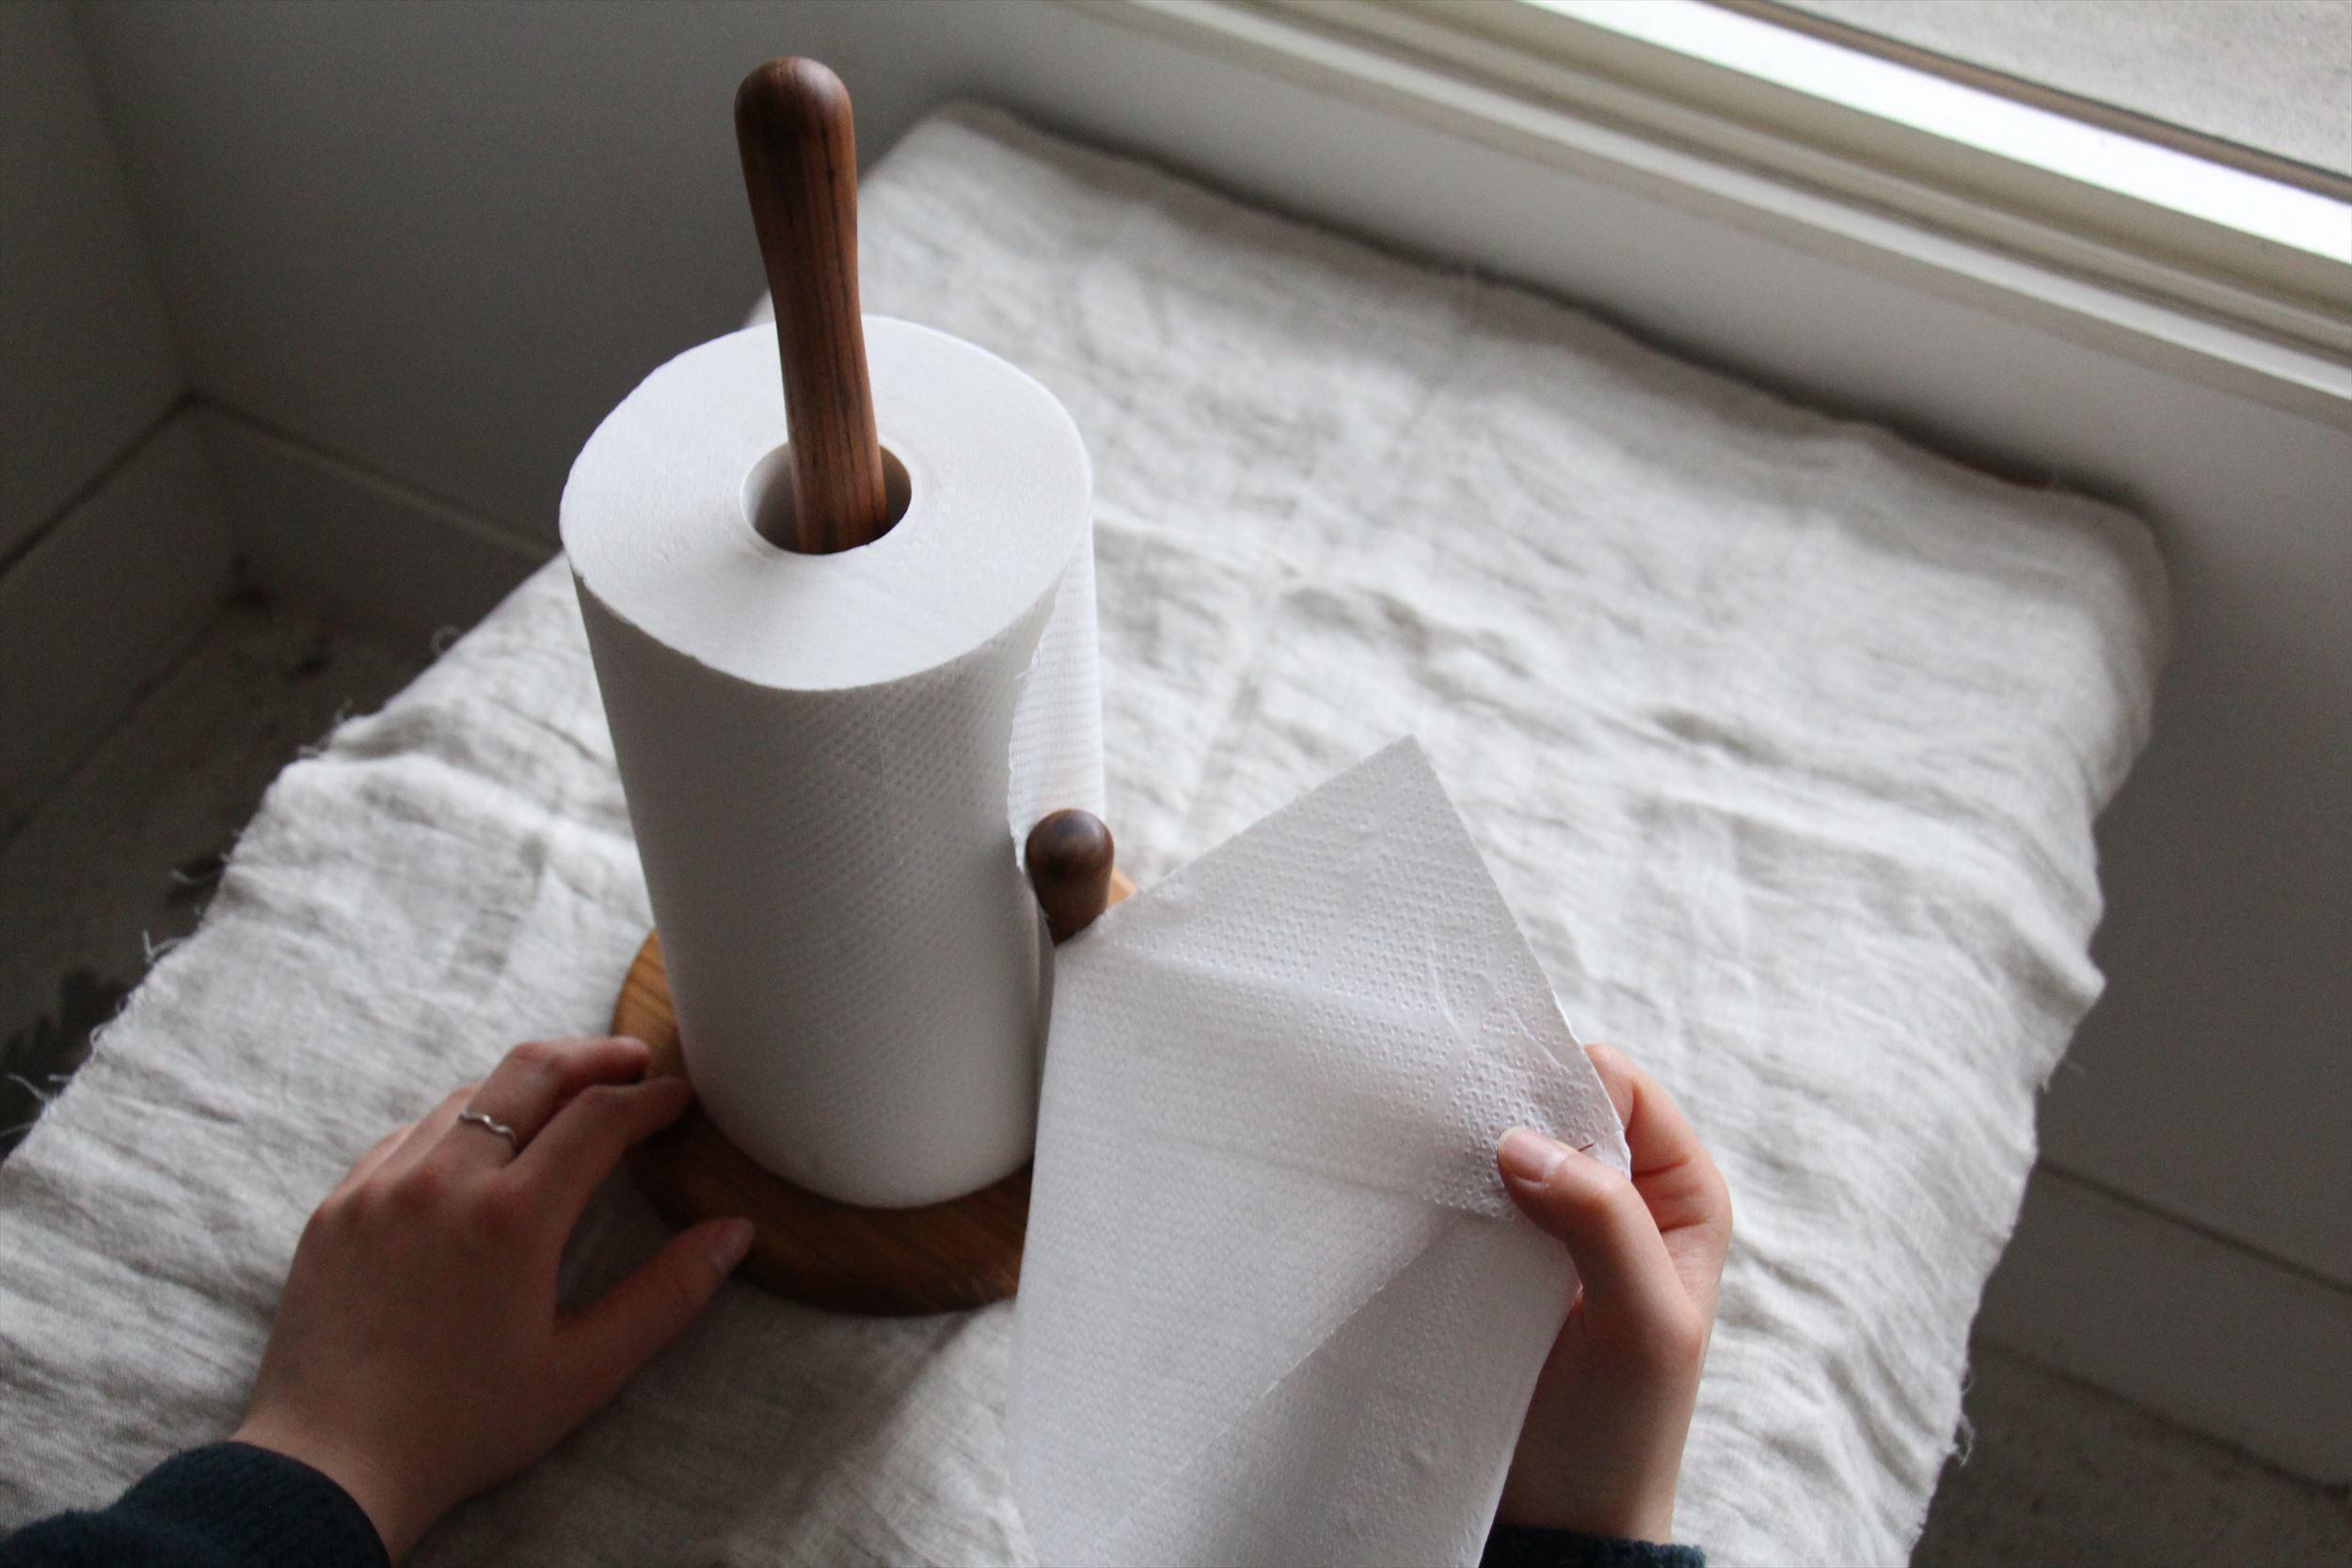 wood キッチンペーパーホルダー_b0165512_18423669.jpg